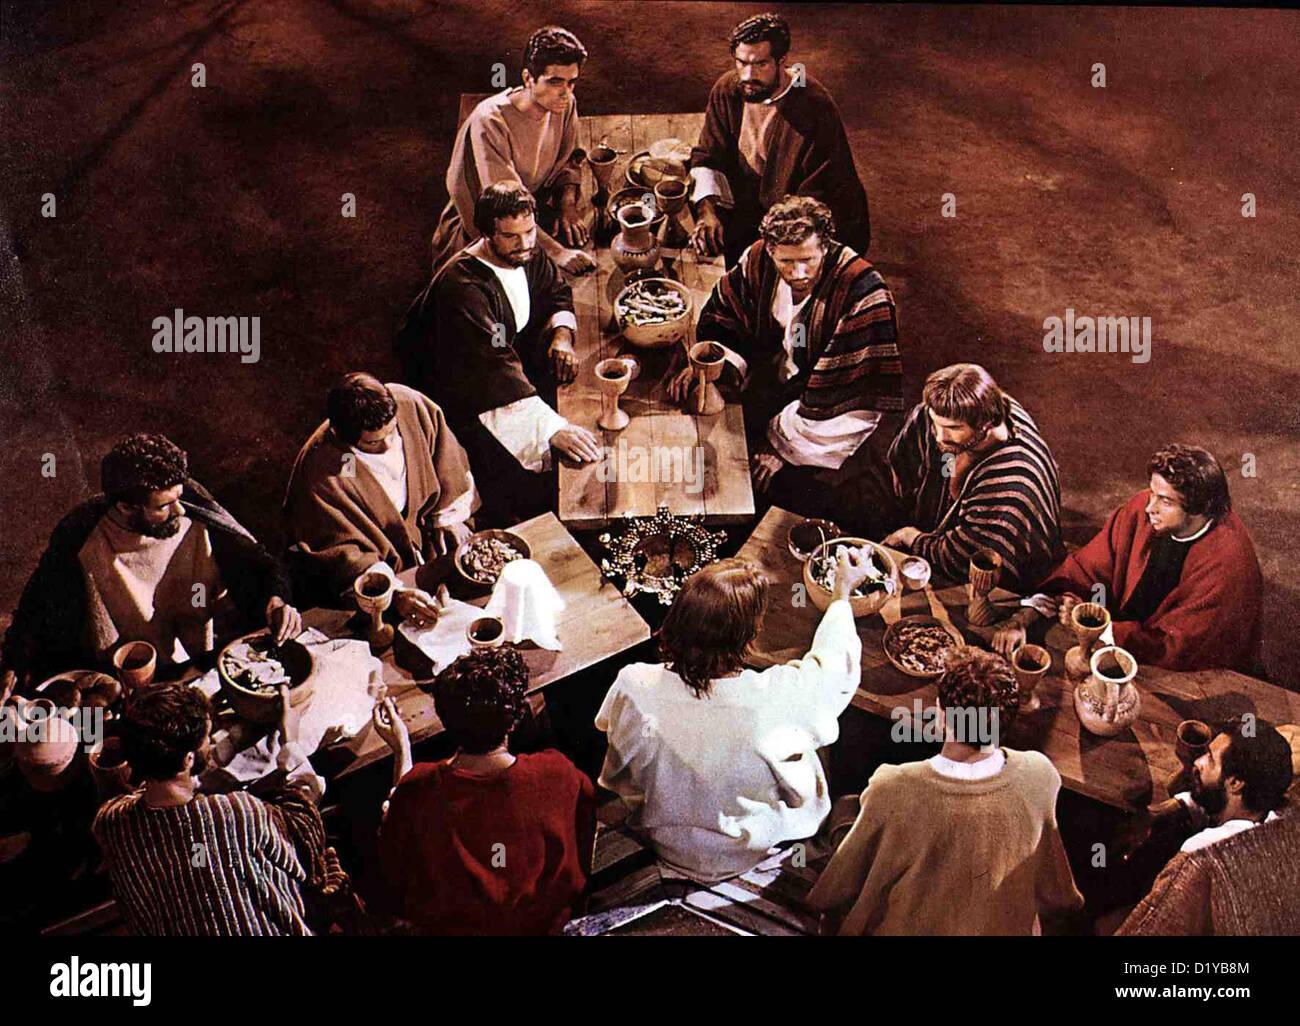 Koenig Der Koenige  King Kings  Jeffrey Hunter Jesus (Jeffrey Hunter,m.v.) mit seinen Juengern beim Abendmahl. *** - Stock Image